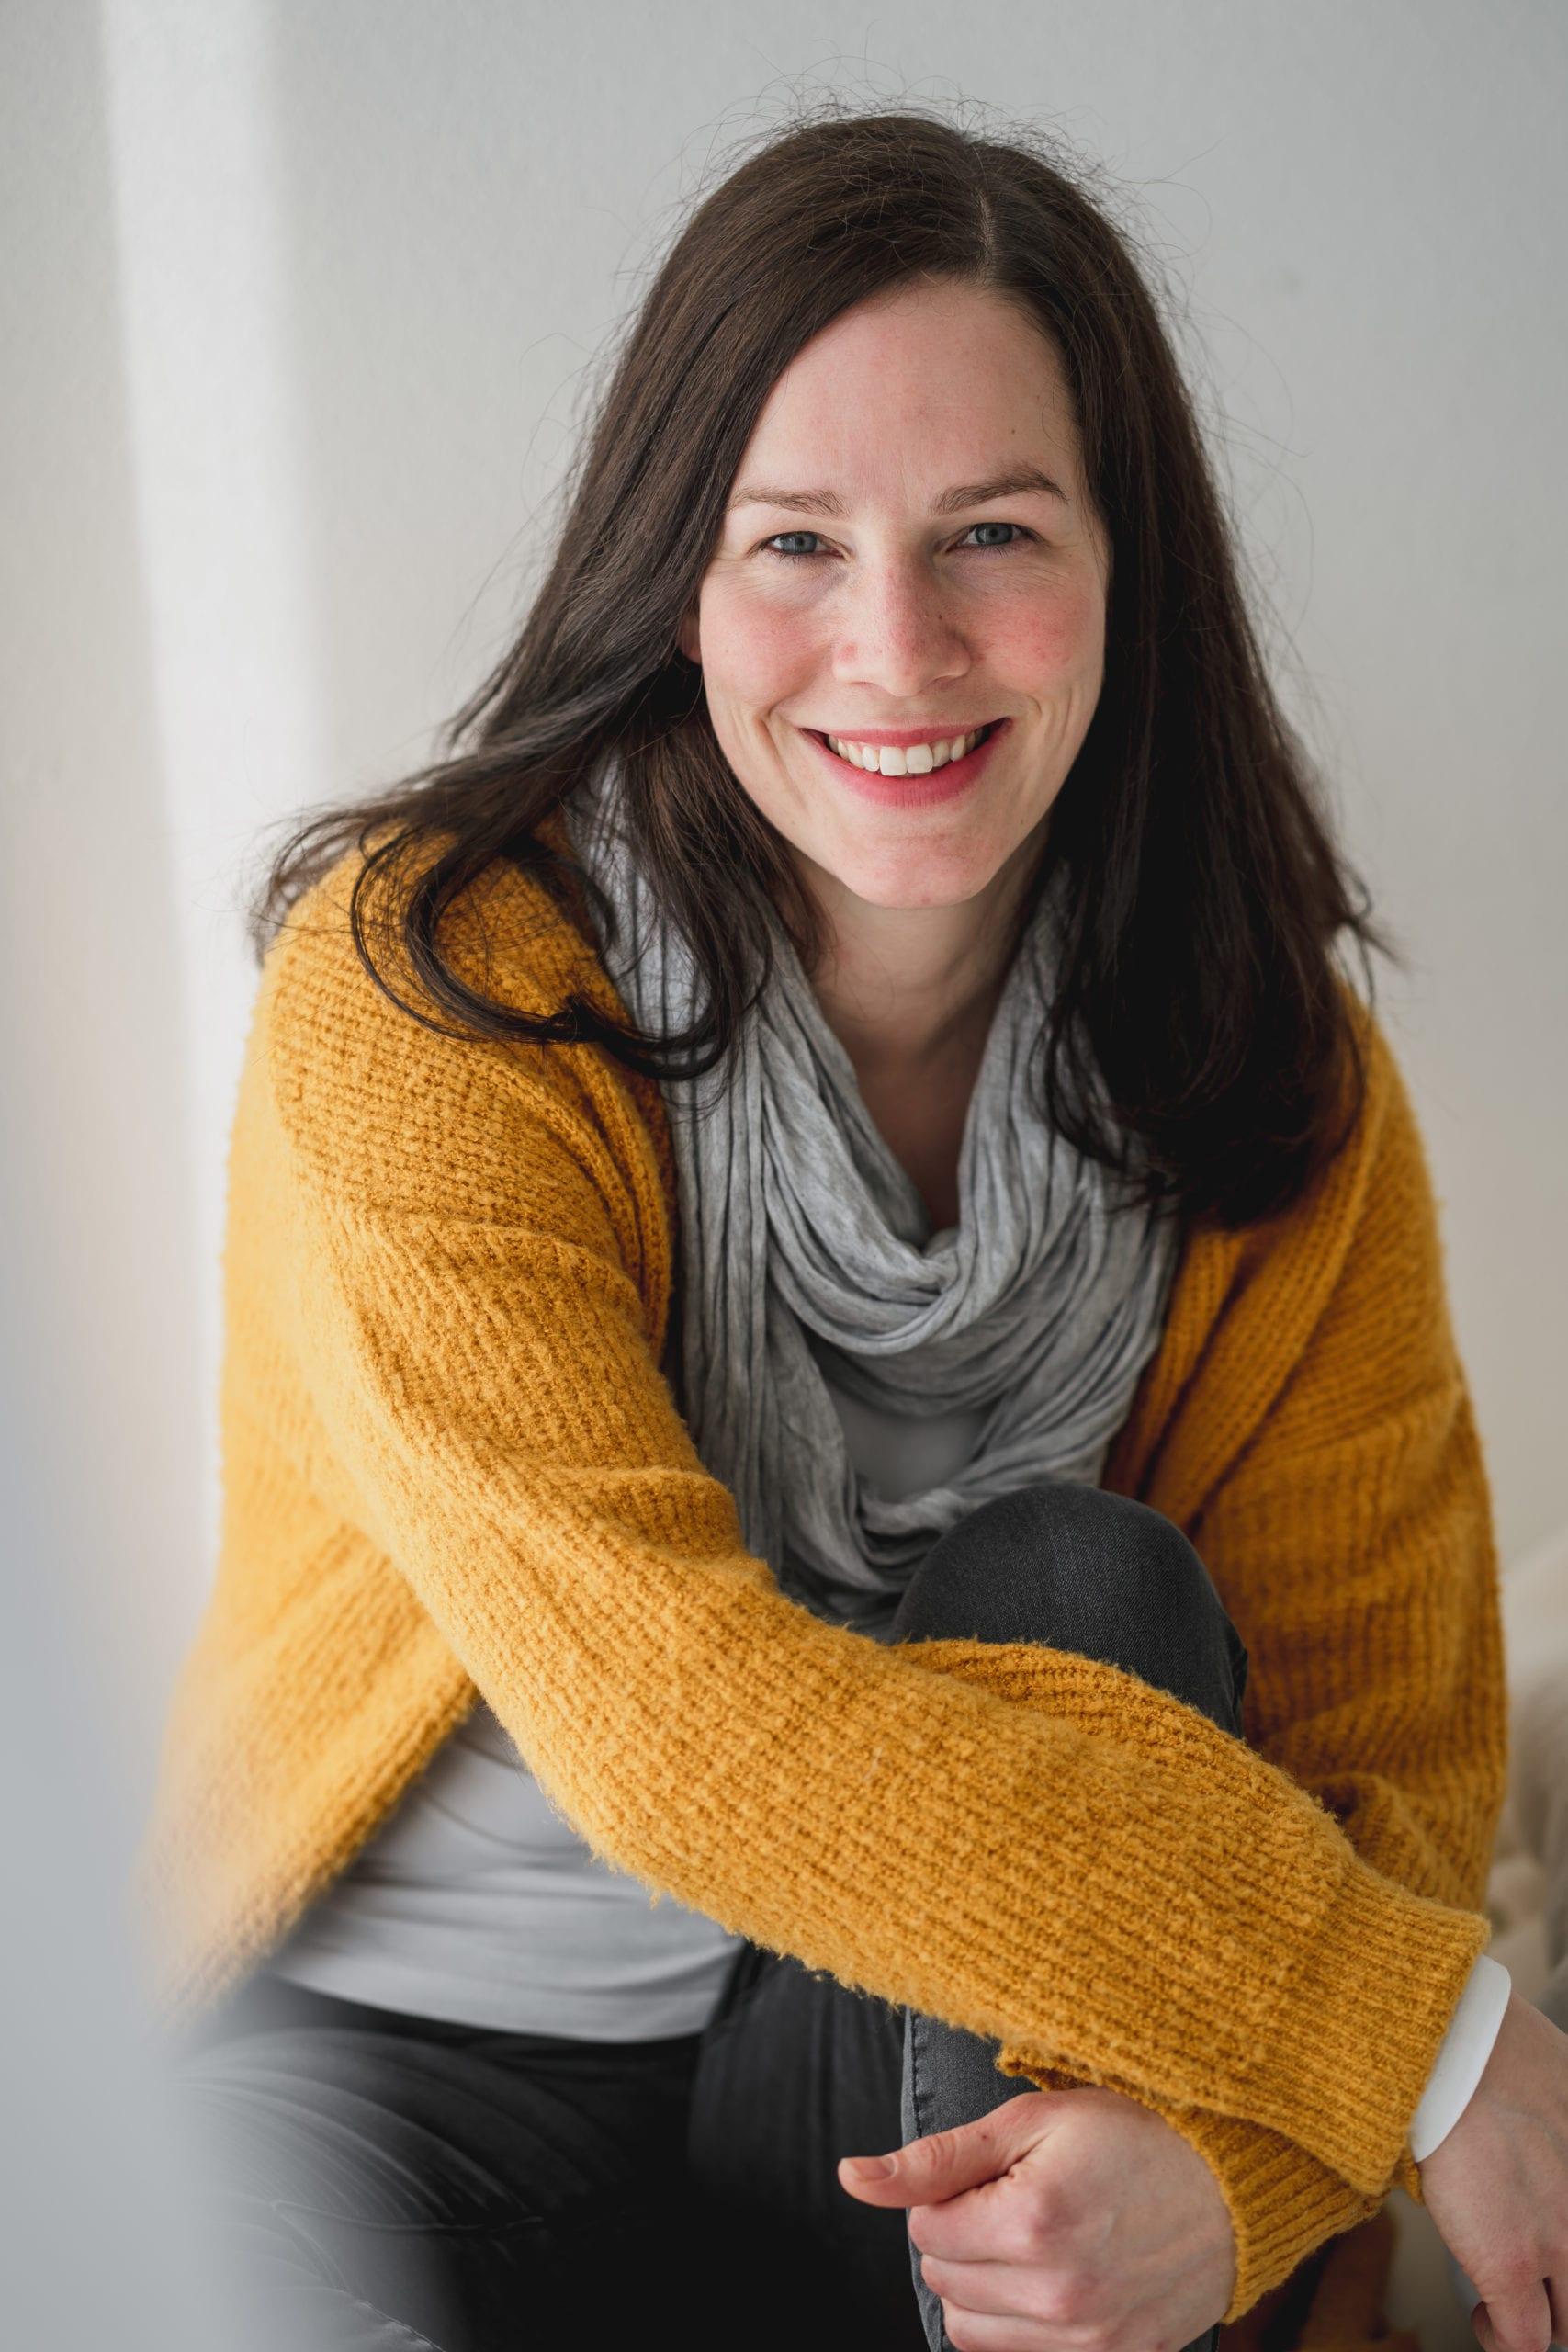 Corinna Scheurich